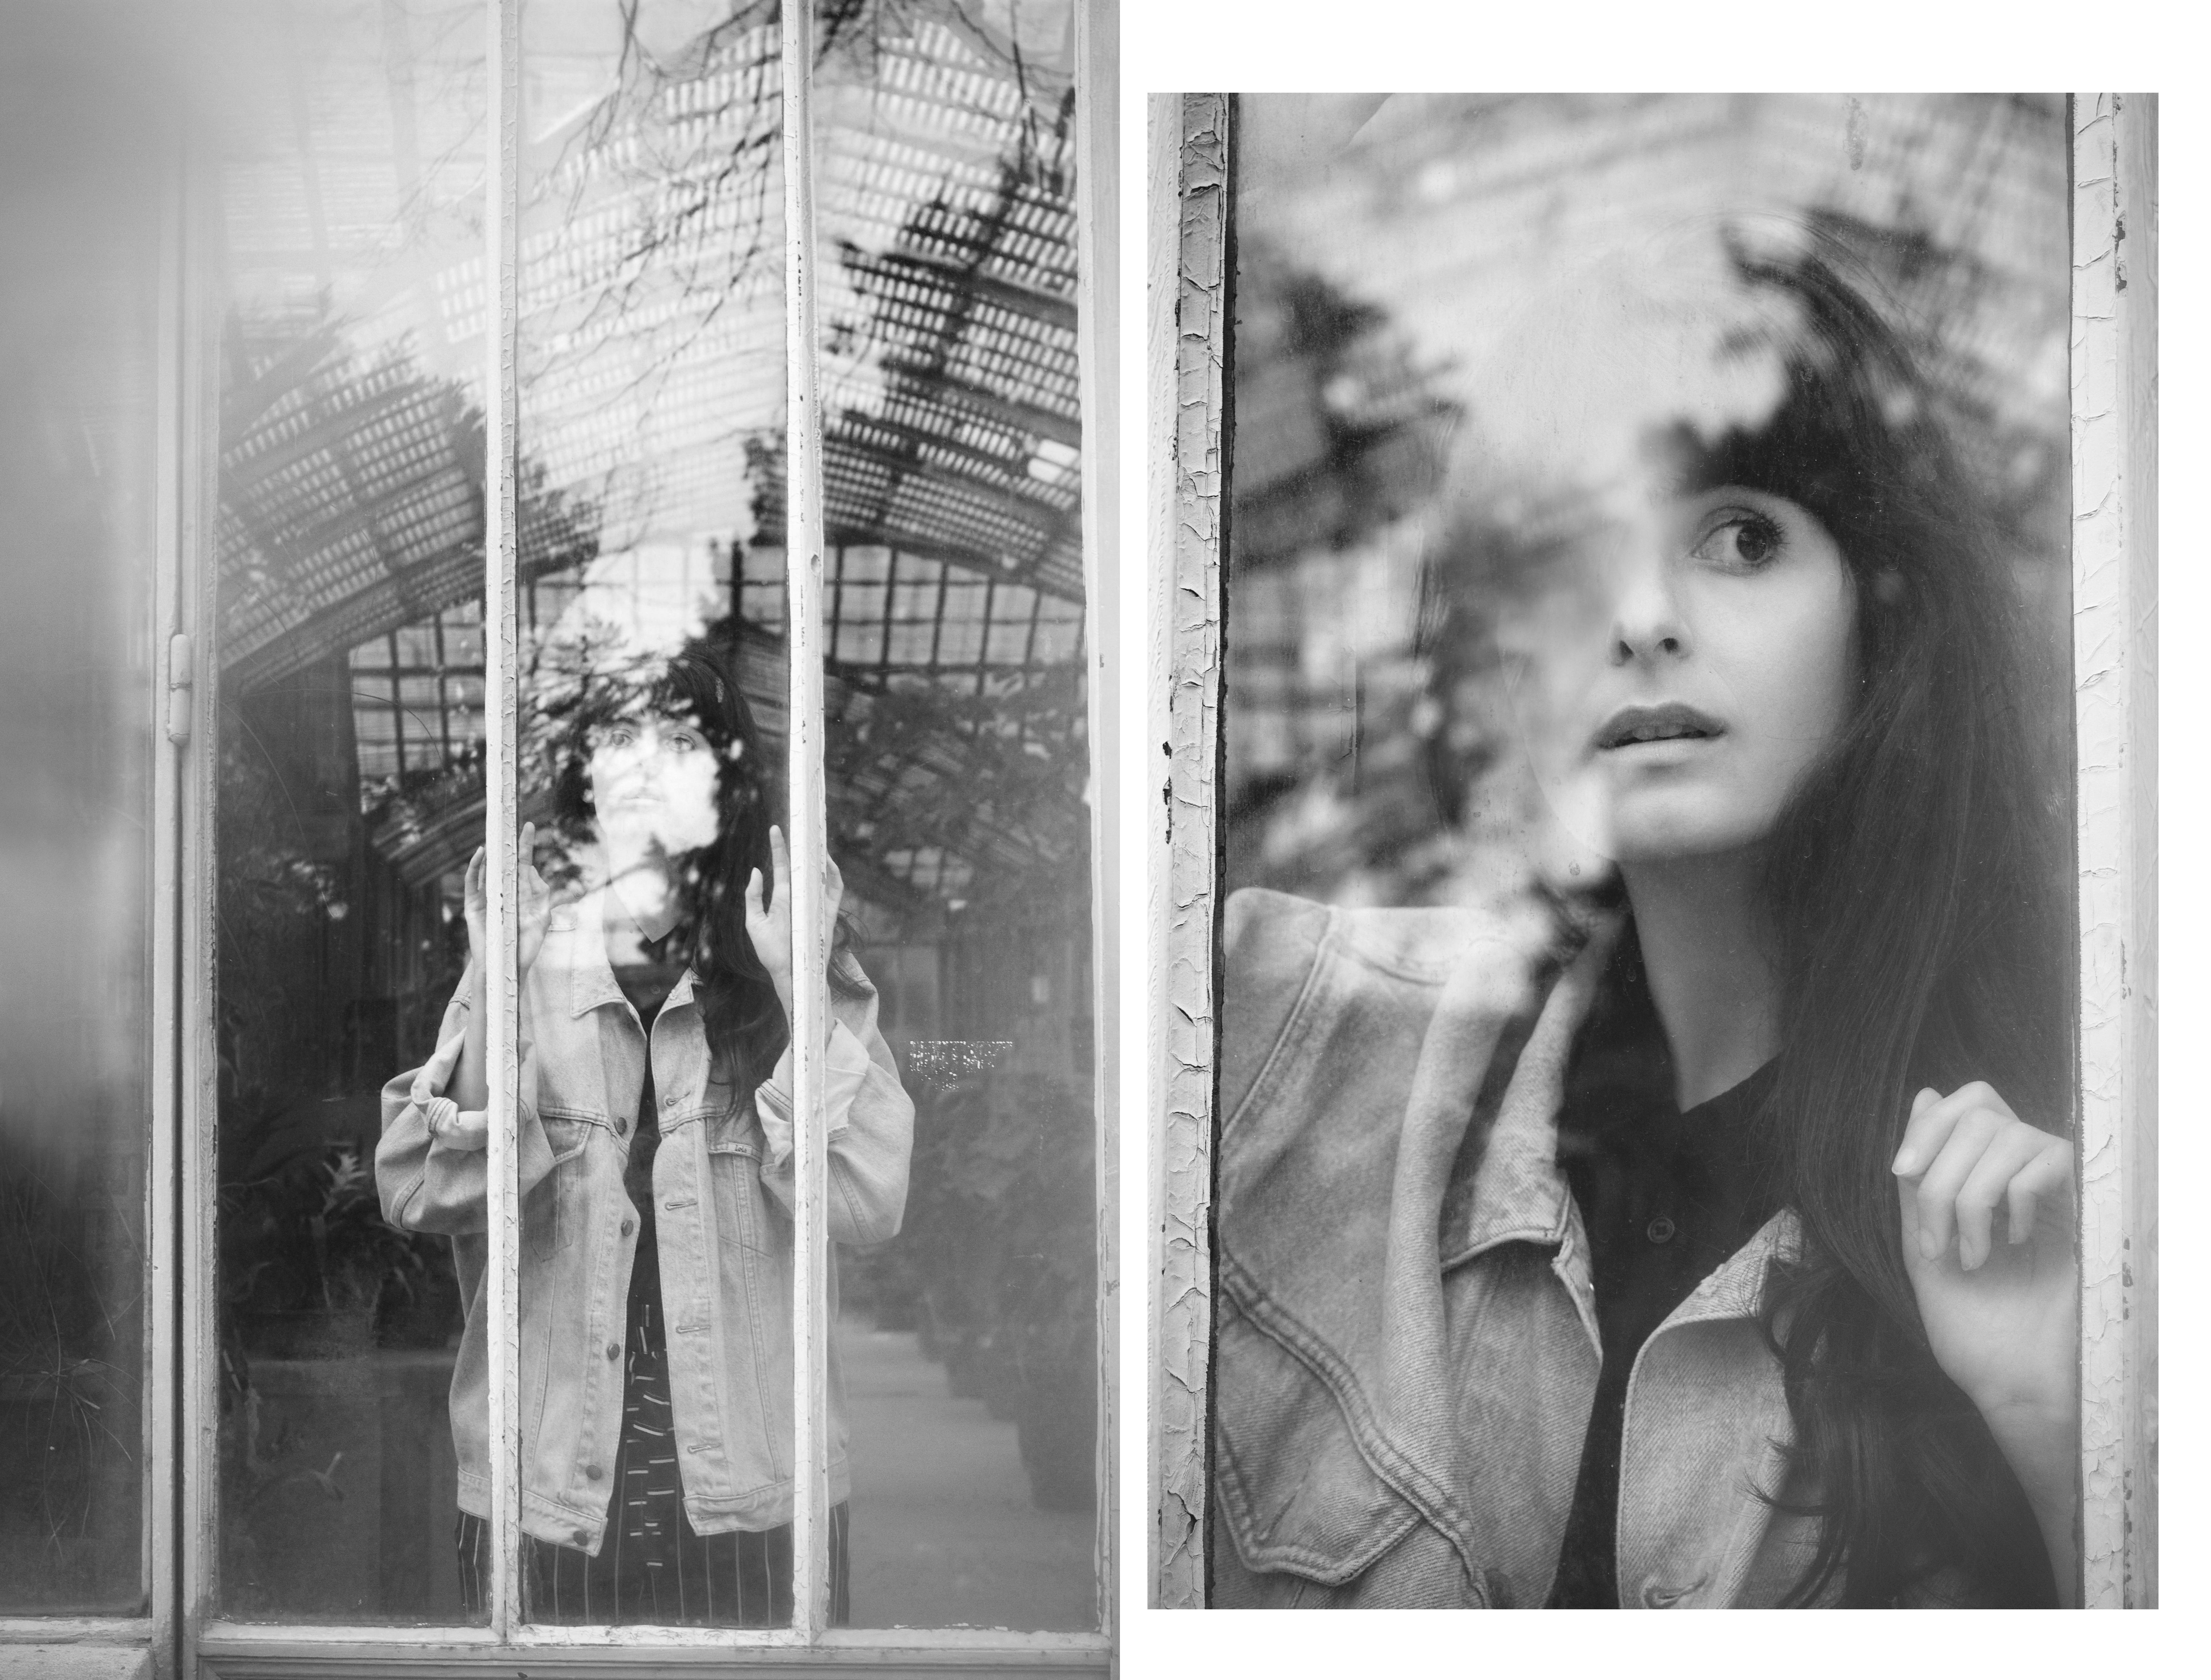 isol buffy photographe paris portrait book model presse fashion mode tours comedienne